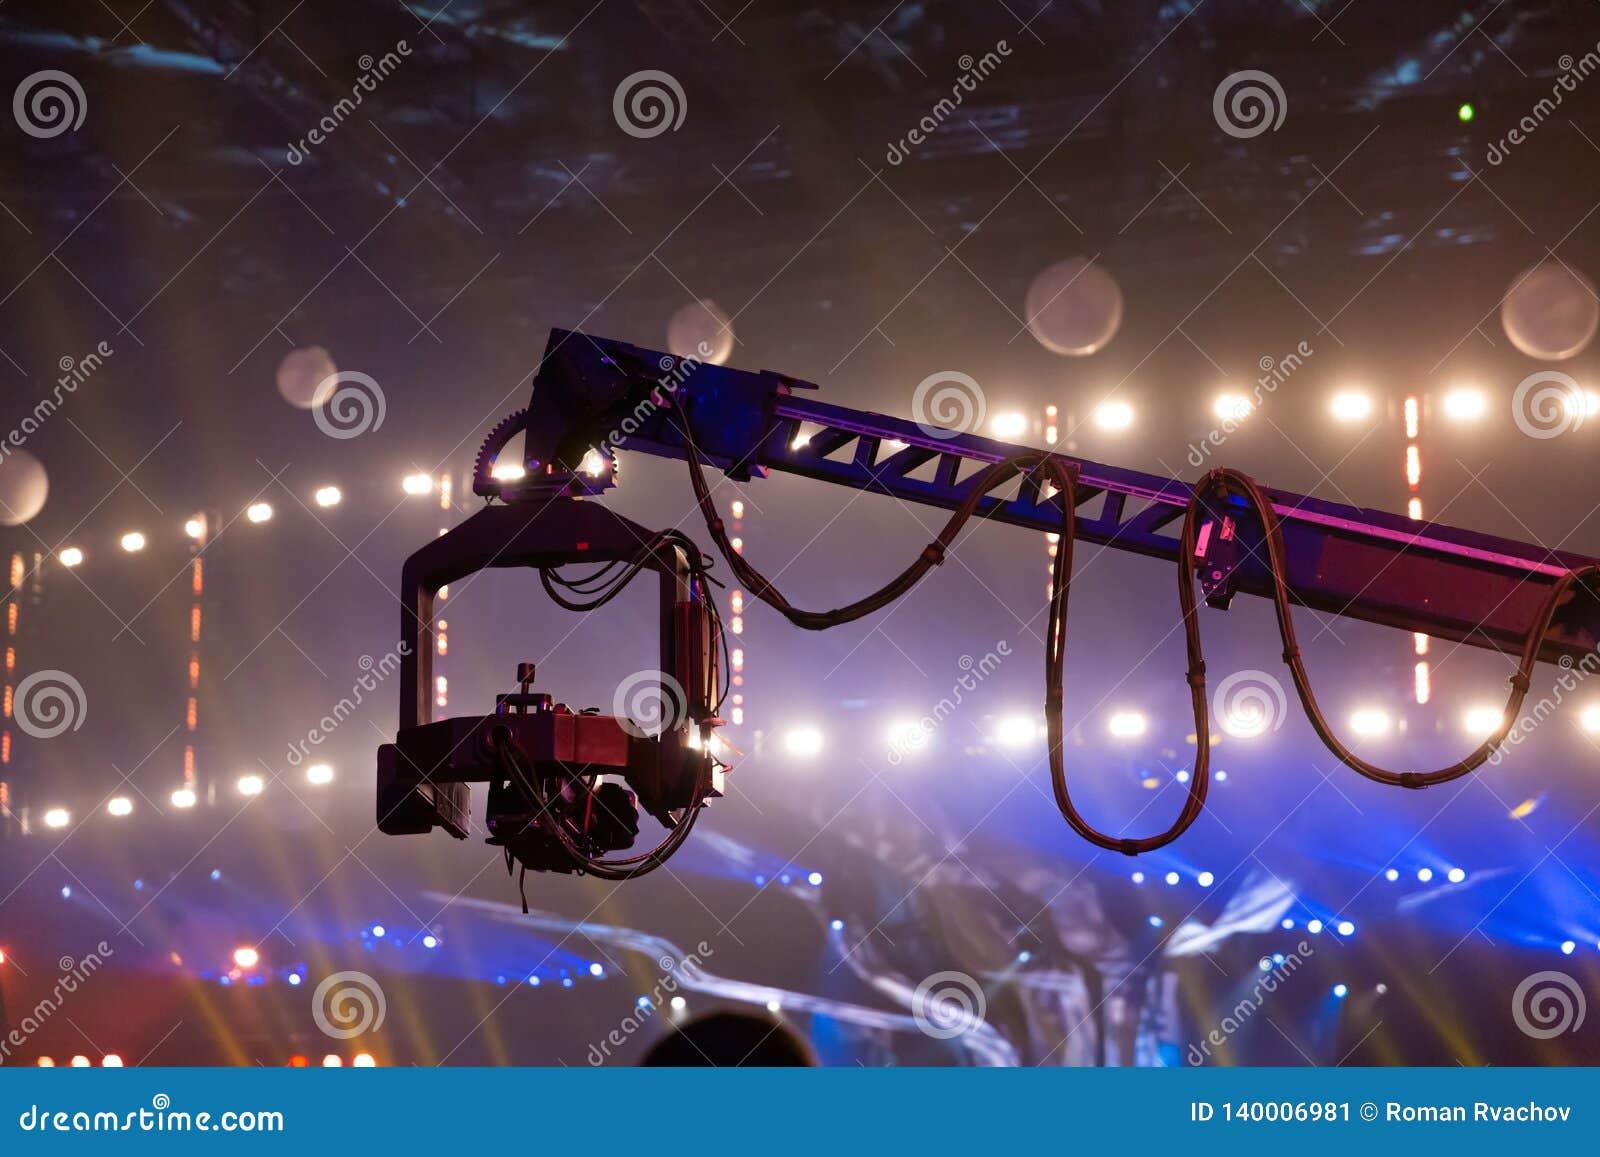 Τηλεσκοπικός γερανός με βιντεοκάμερα συνημμένα